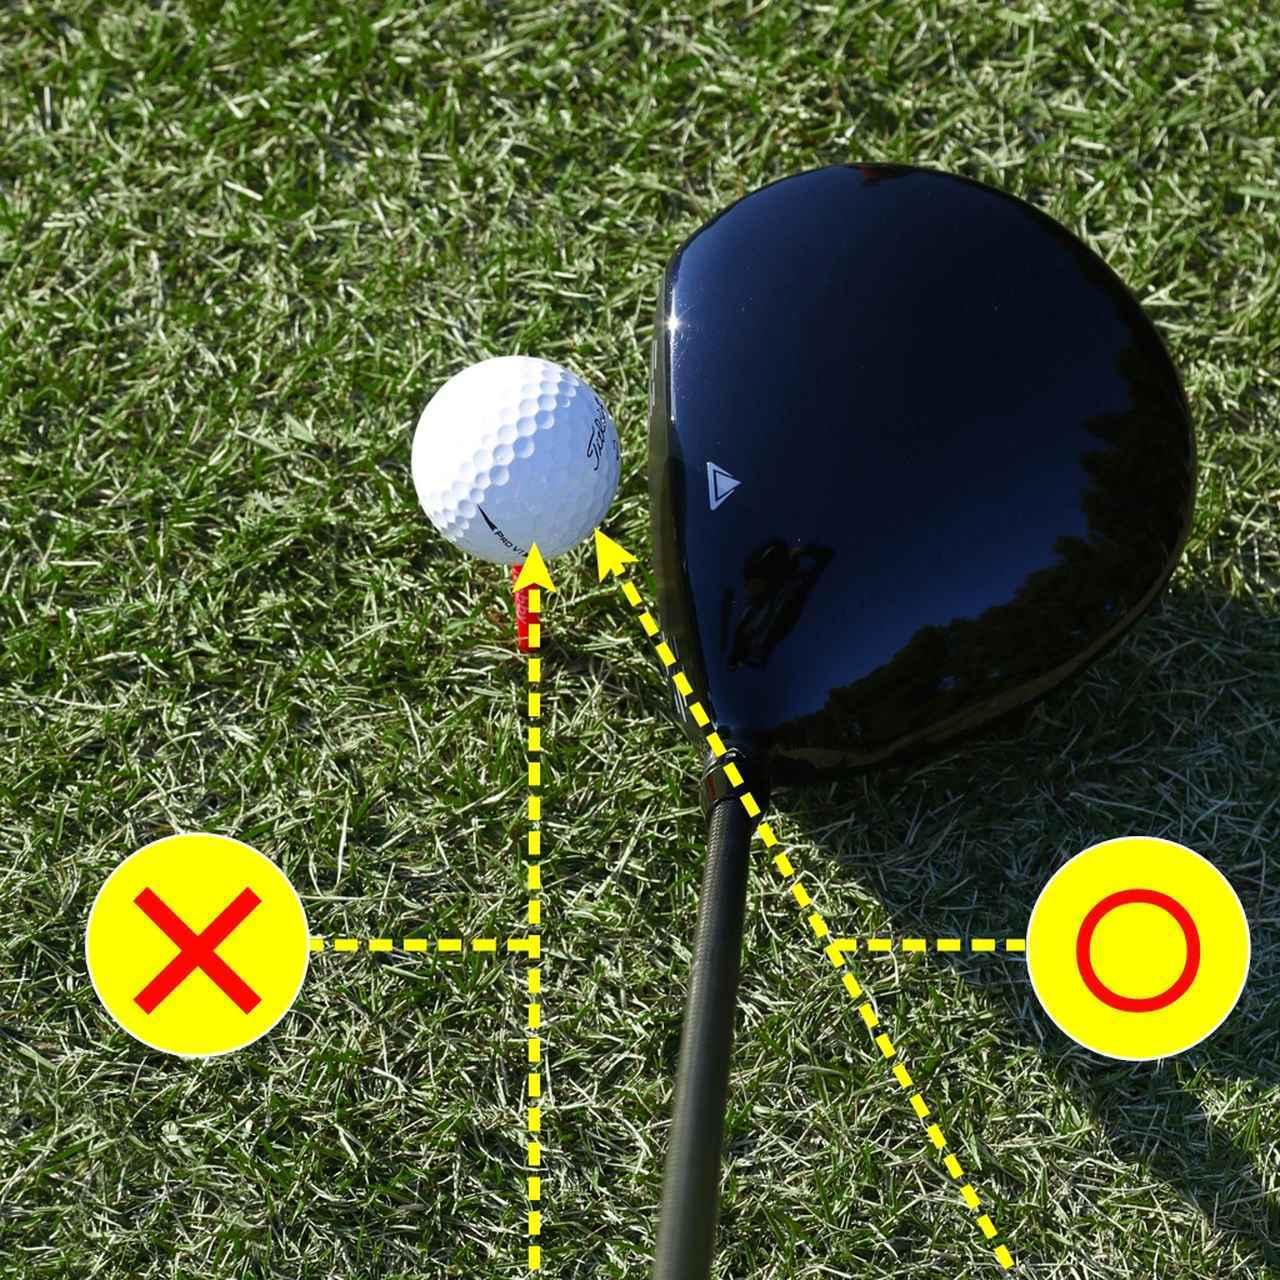 画像: ボールを上から見ずに、右斜めの角度で見る。この目線をキープしたままスウィングすれば、軸が左に傾かないので打点がズレにくくなる